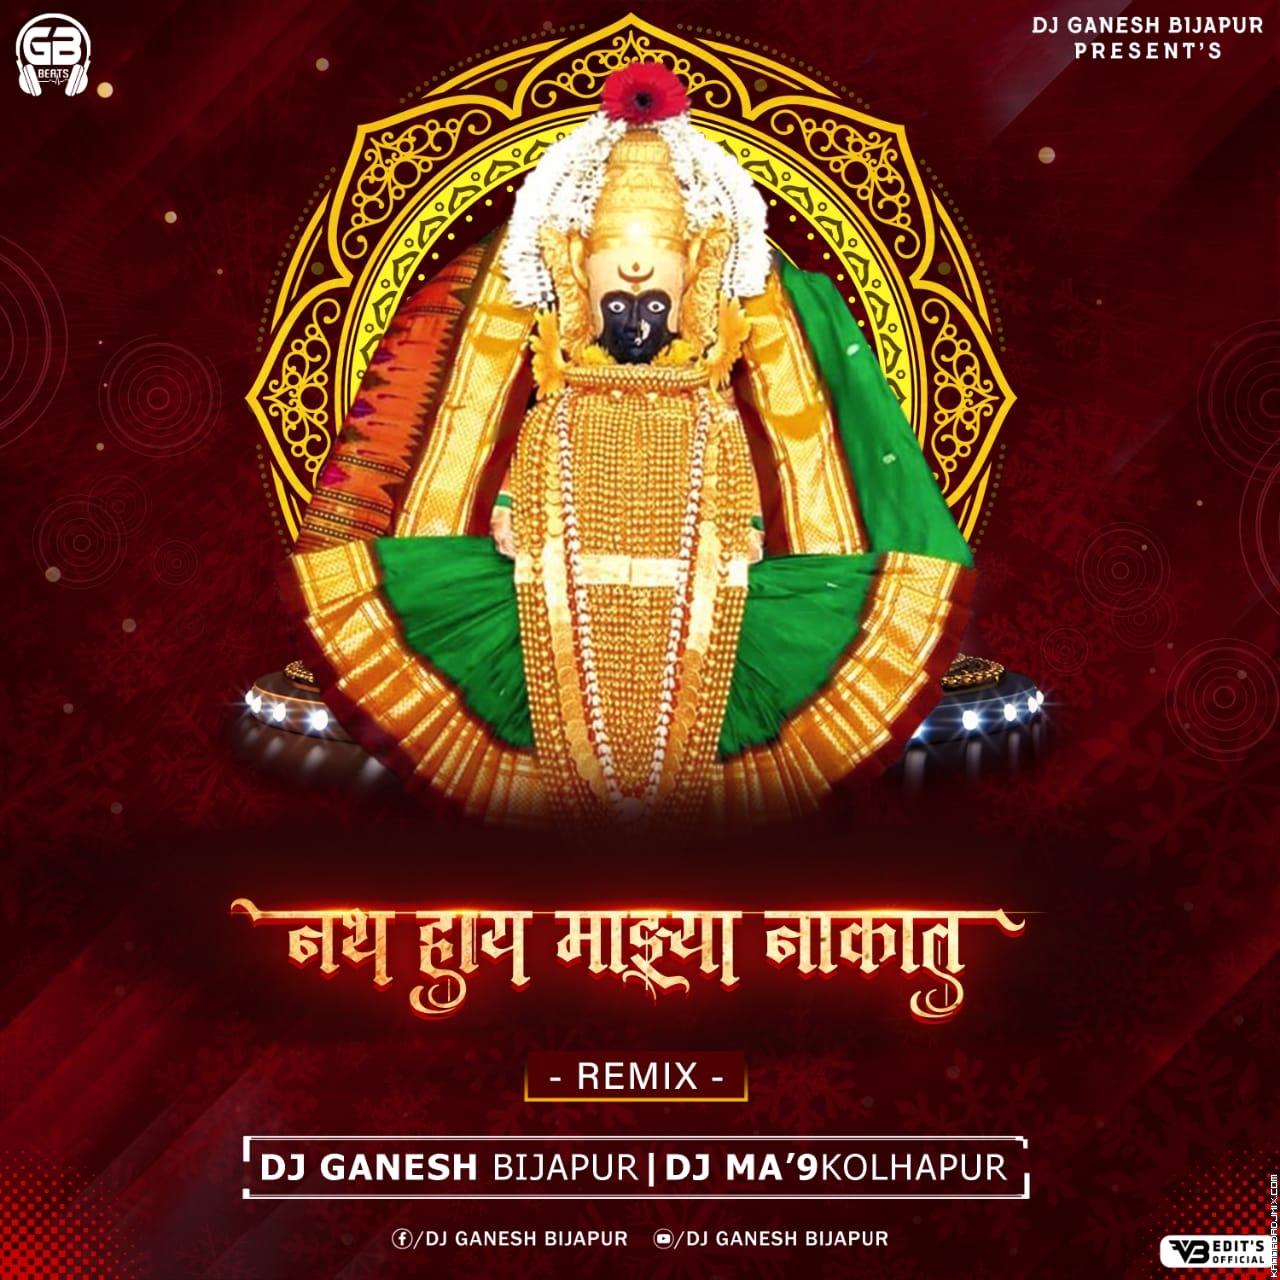 Nath_Aahe_Majhya_Naakat Remix Dj Ganesh Bijapur X Dj Ma 9 Kolhapur..mp3